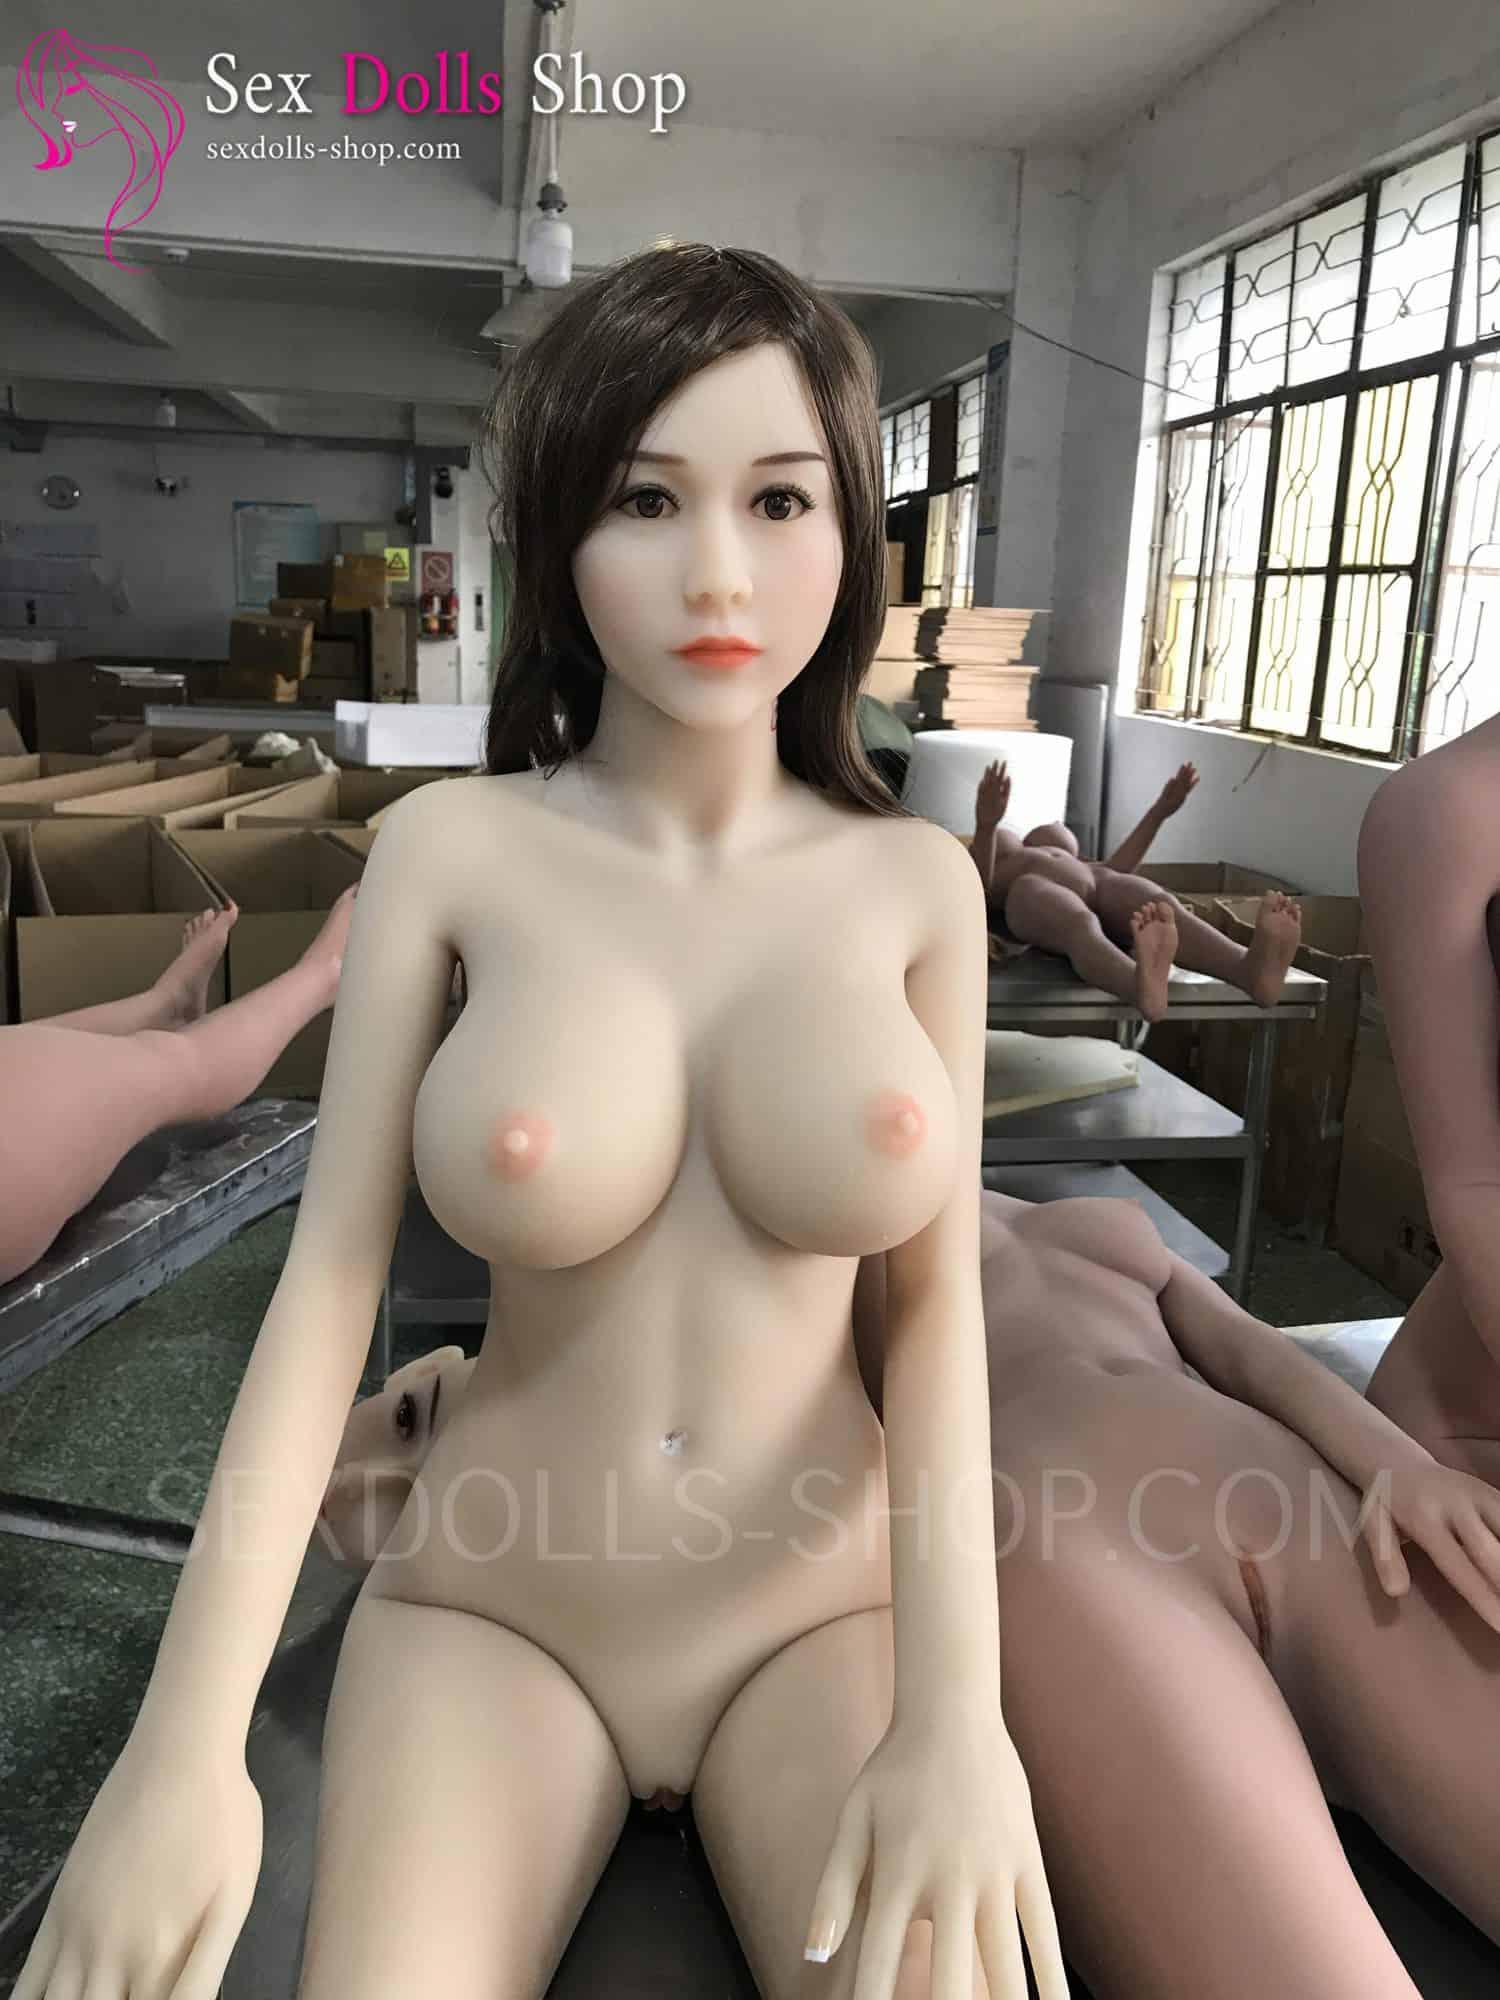 wm 165cm D cup fair skin pink nipples head 85